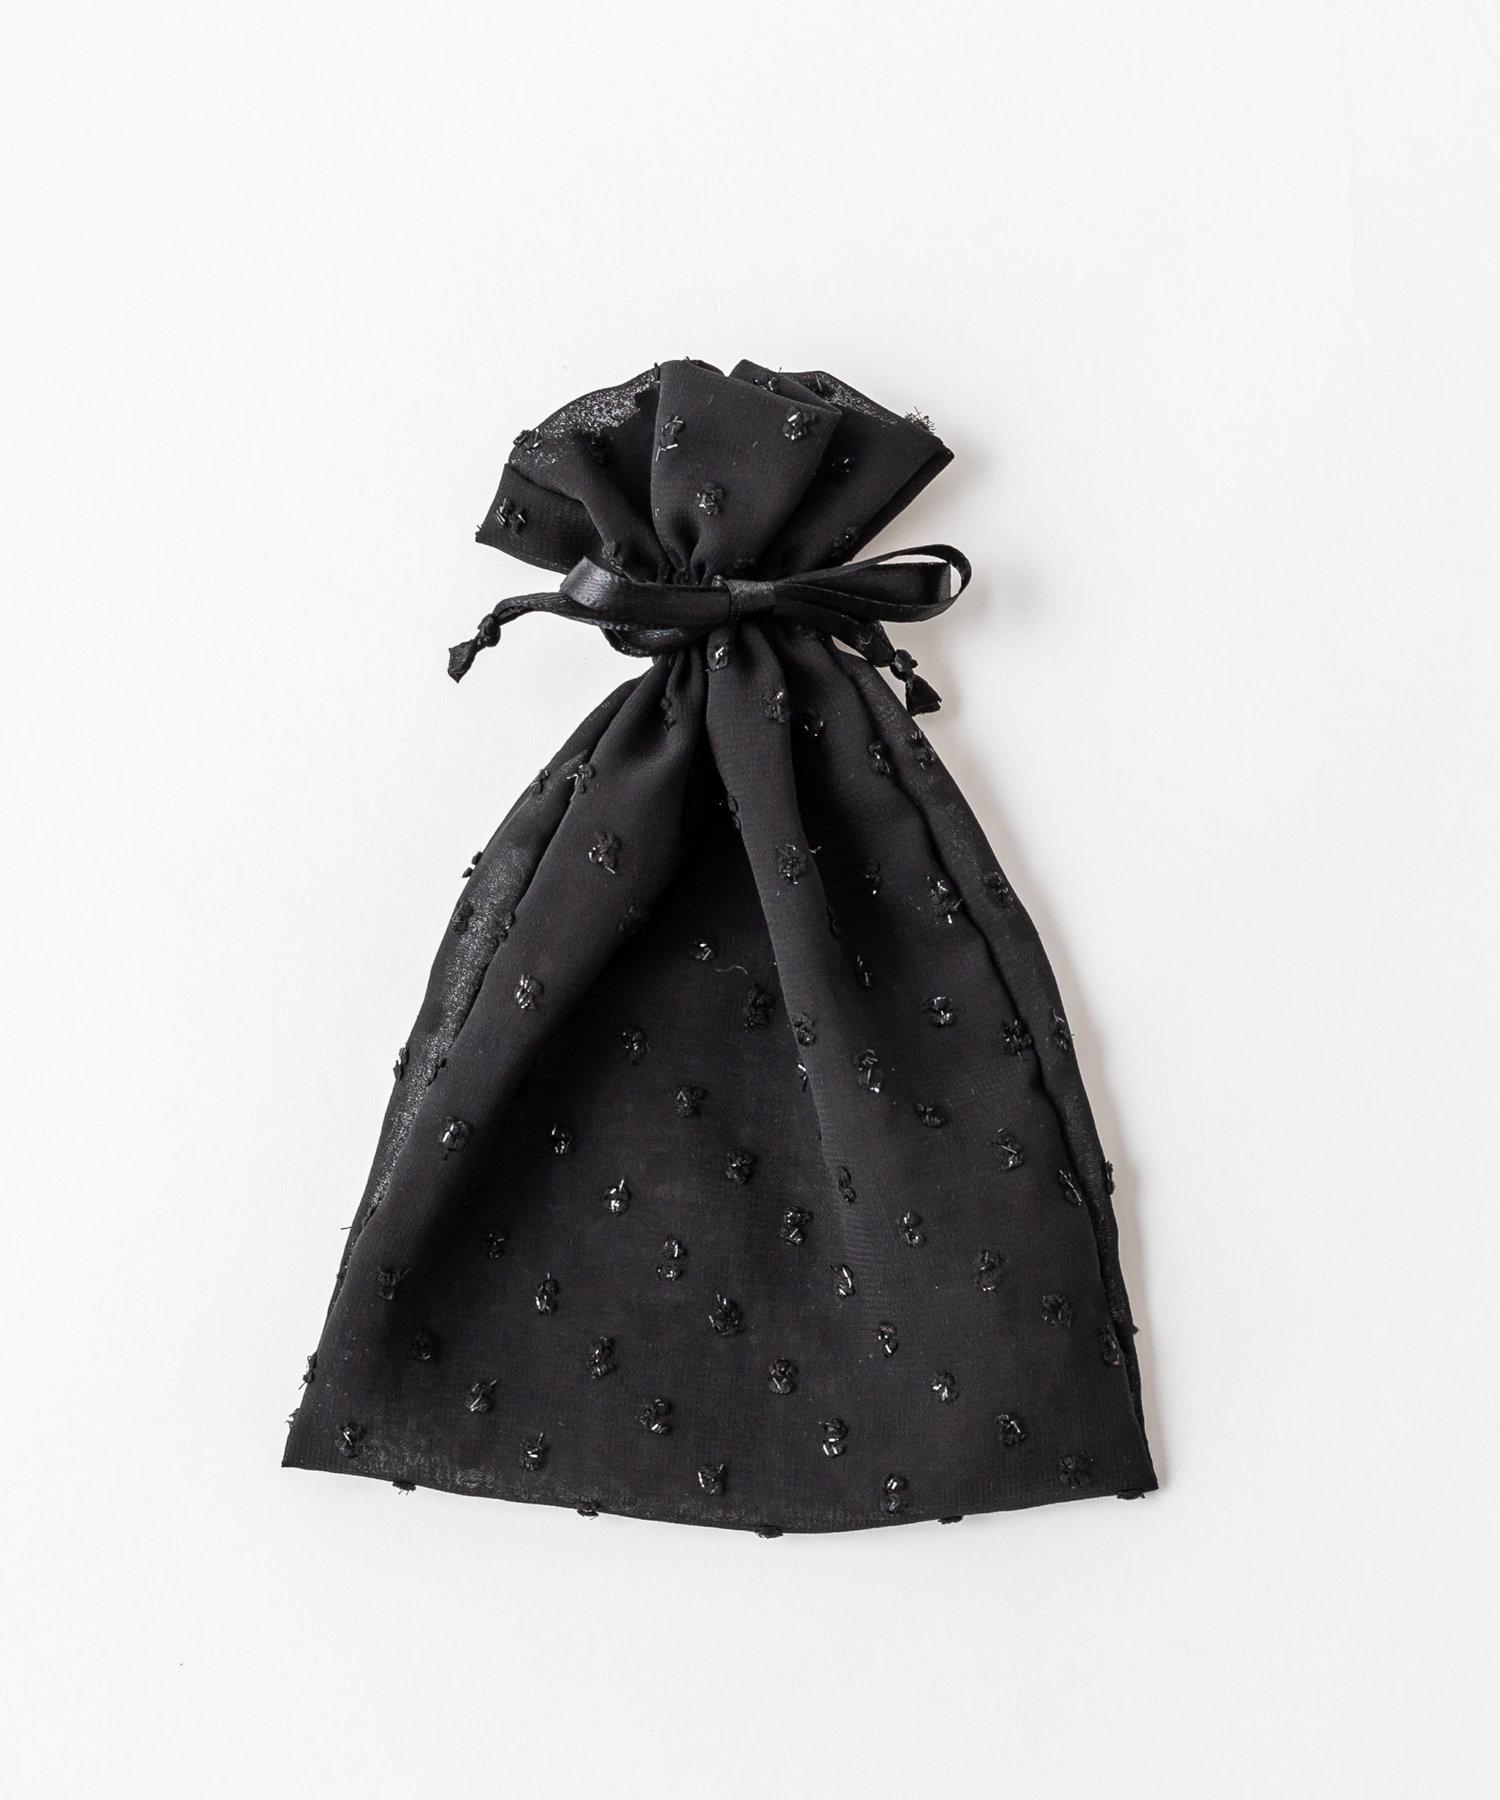 Lattice(ラティス) レディース ドットシフォン巾着ポーチM ブラック